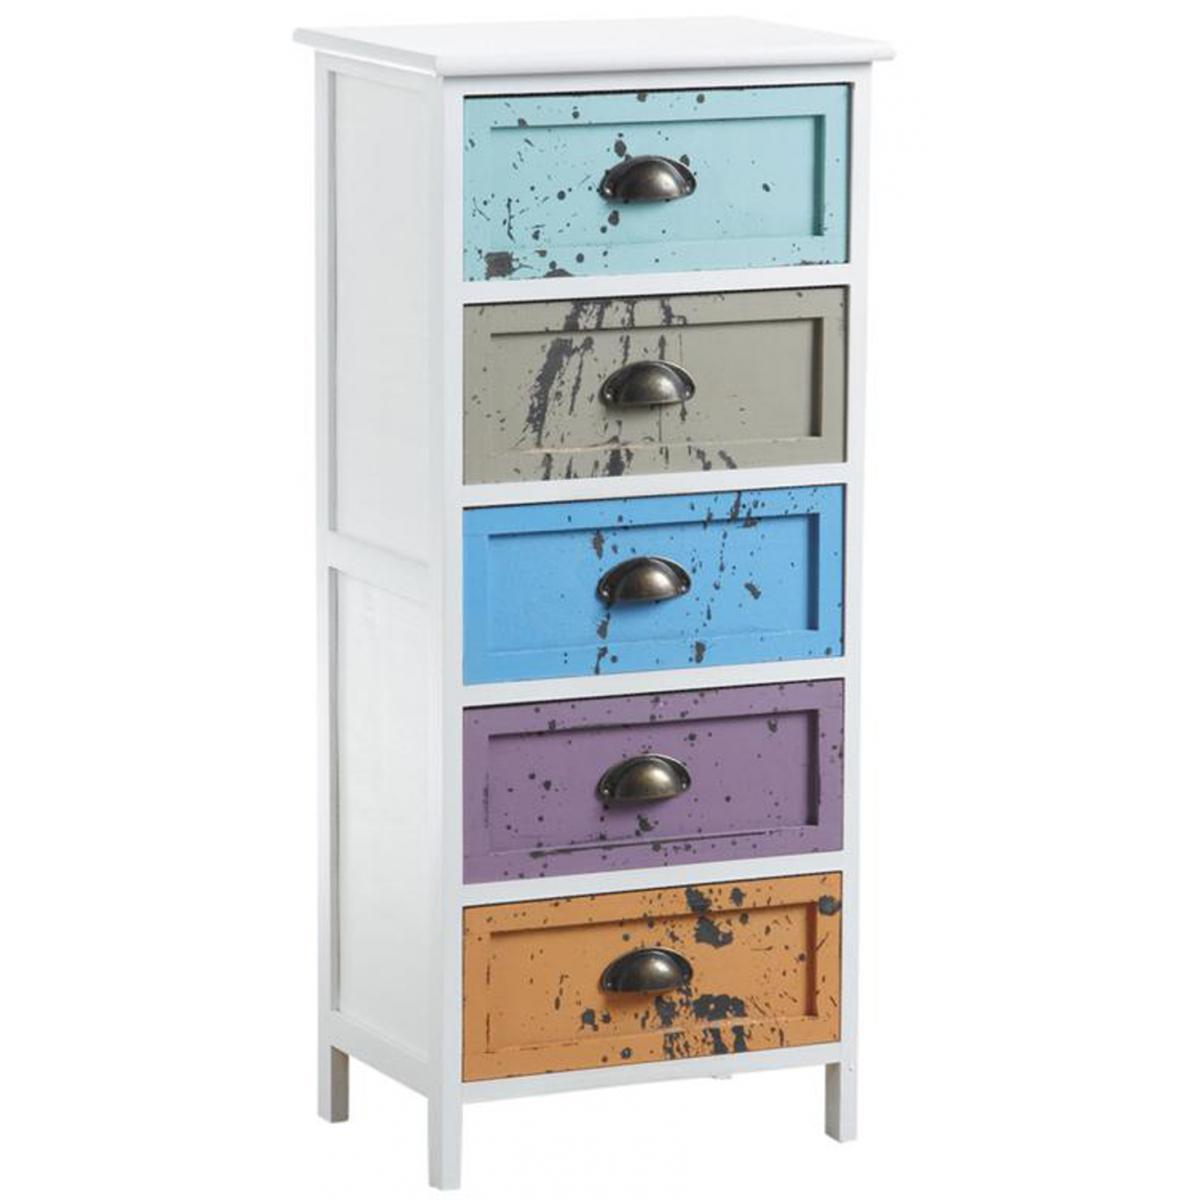 Pegane Commode en bois avec 5 tiroirs multicolores - 40 x 29 x 90 cm -PEGANE-